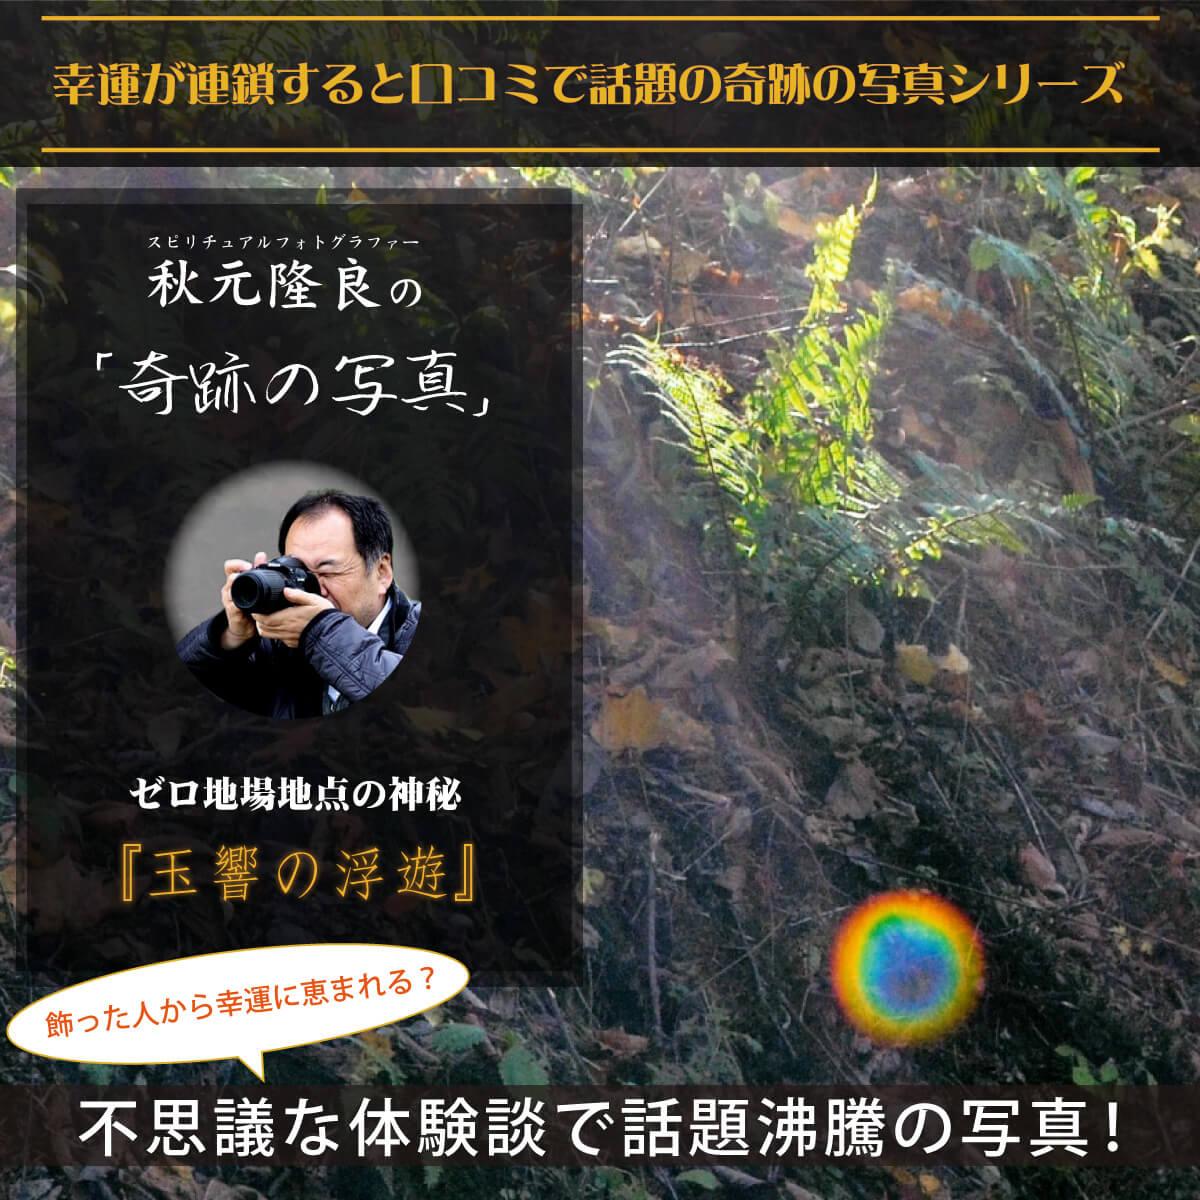 【奇跡の写真】玉響の浮遊 ≫飾るだけで幸運が連鎖すると話題!秋元隆良の開運フォト作品 開運グッズ